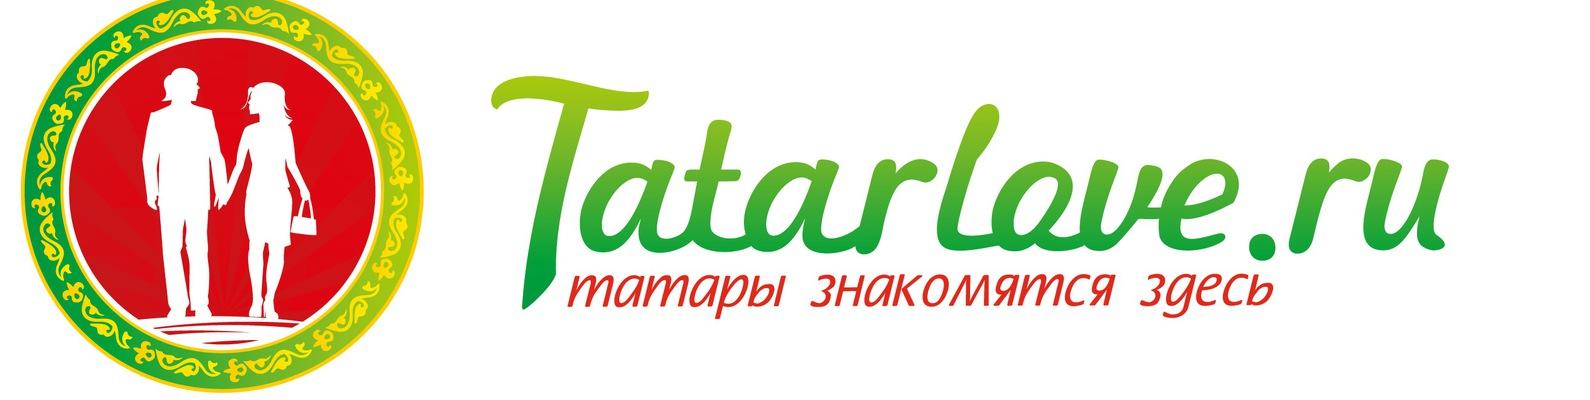 Татар лав знакомства скачать знакомства с иностранцами бесплатные турция